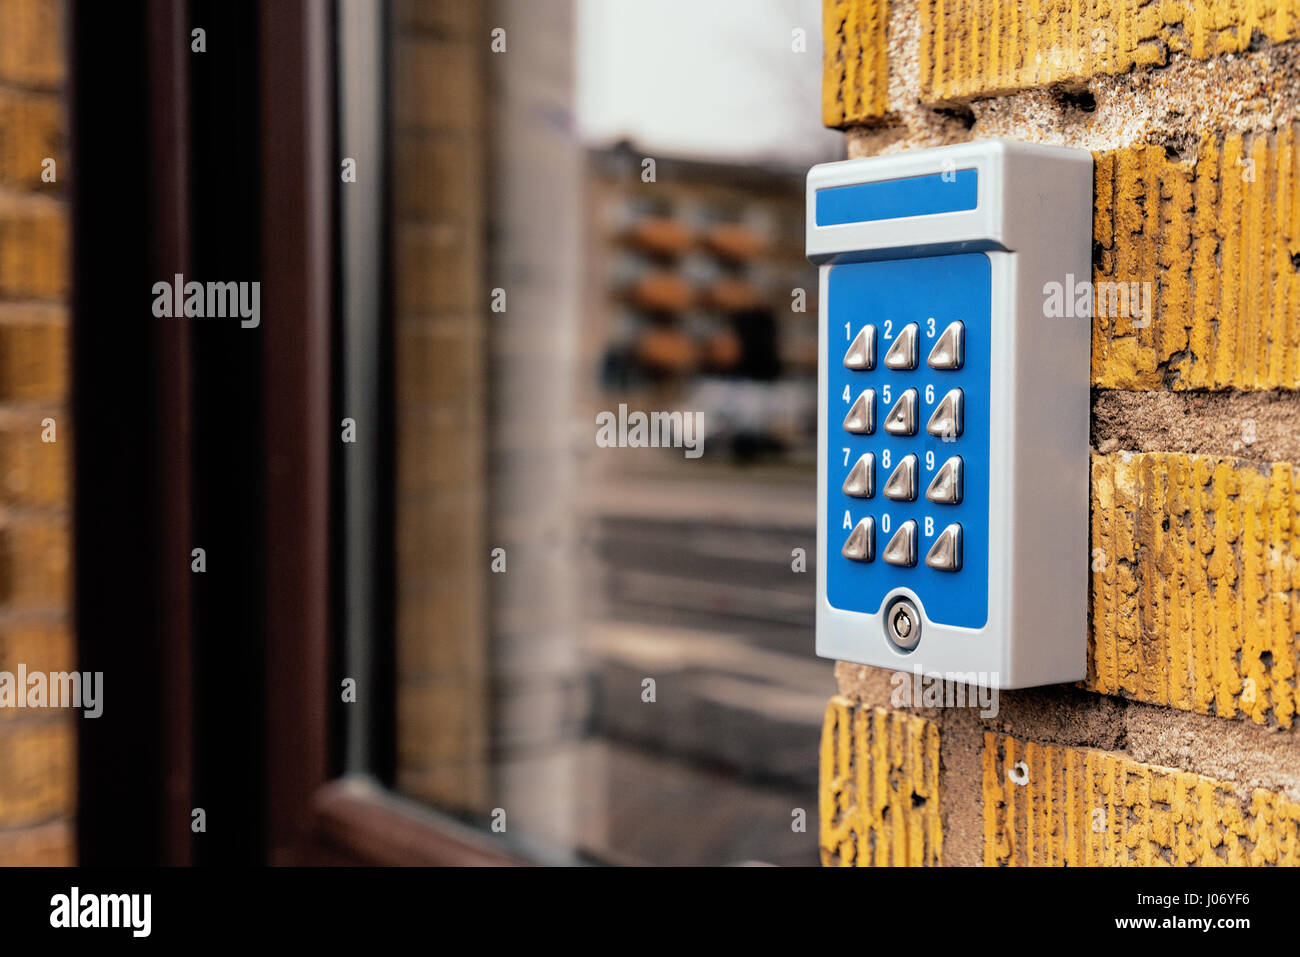 Interphone appartement à dépassé l'entrée du bâtiment, selective focus Photo Stock